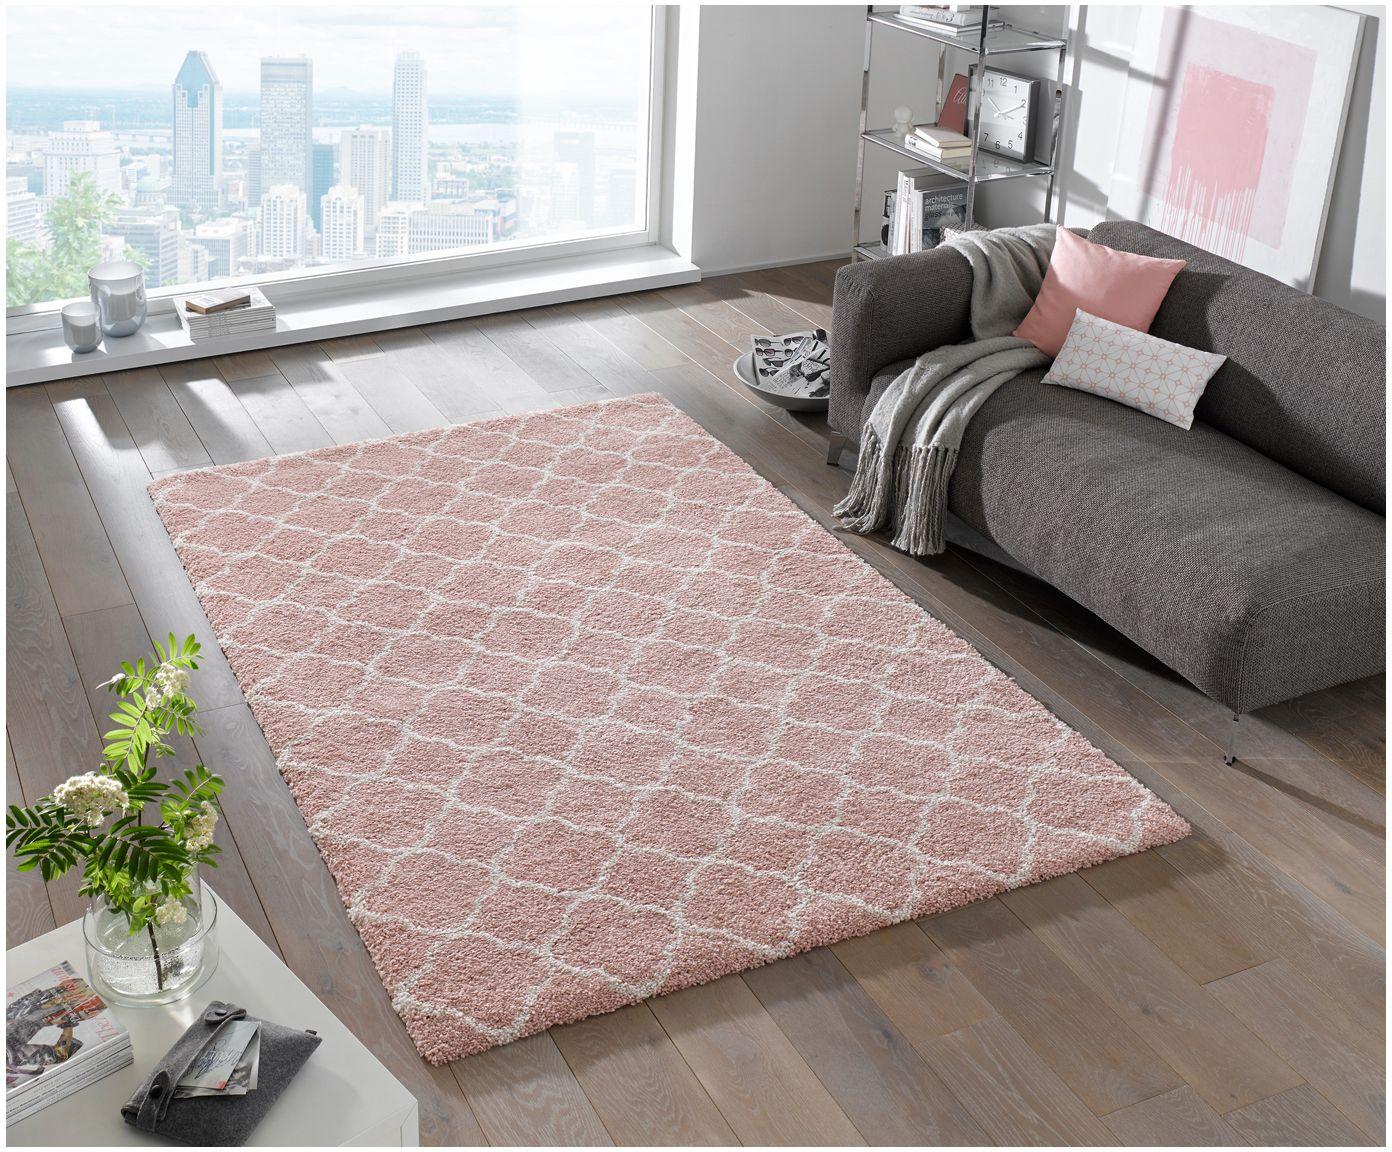 d1453e6ec7 Gehen Sie mit dem Teppich Grace in Pink und Creme mit Trellis-Muster wie  auf Wolken. Entdecken Sie weitere tolle Teppiche auf >> WestwingNow.